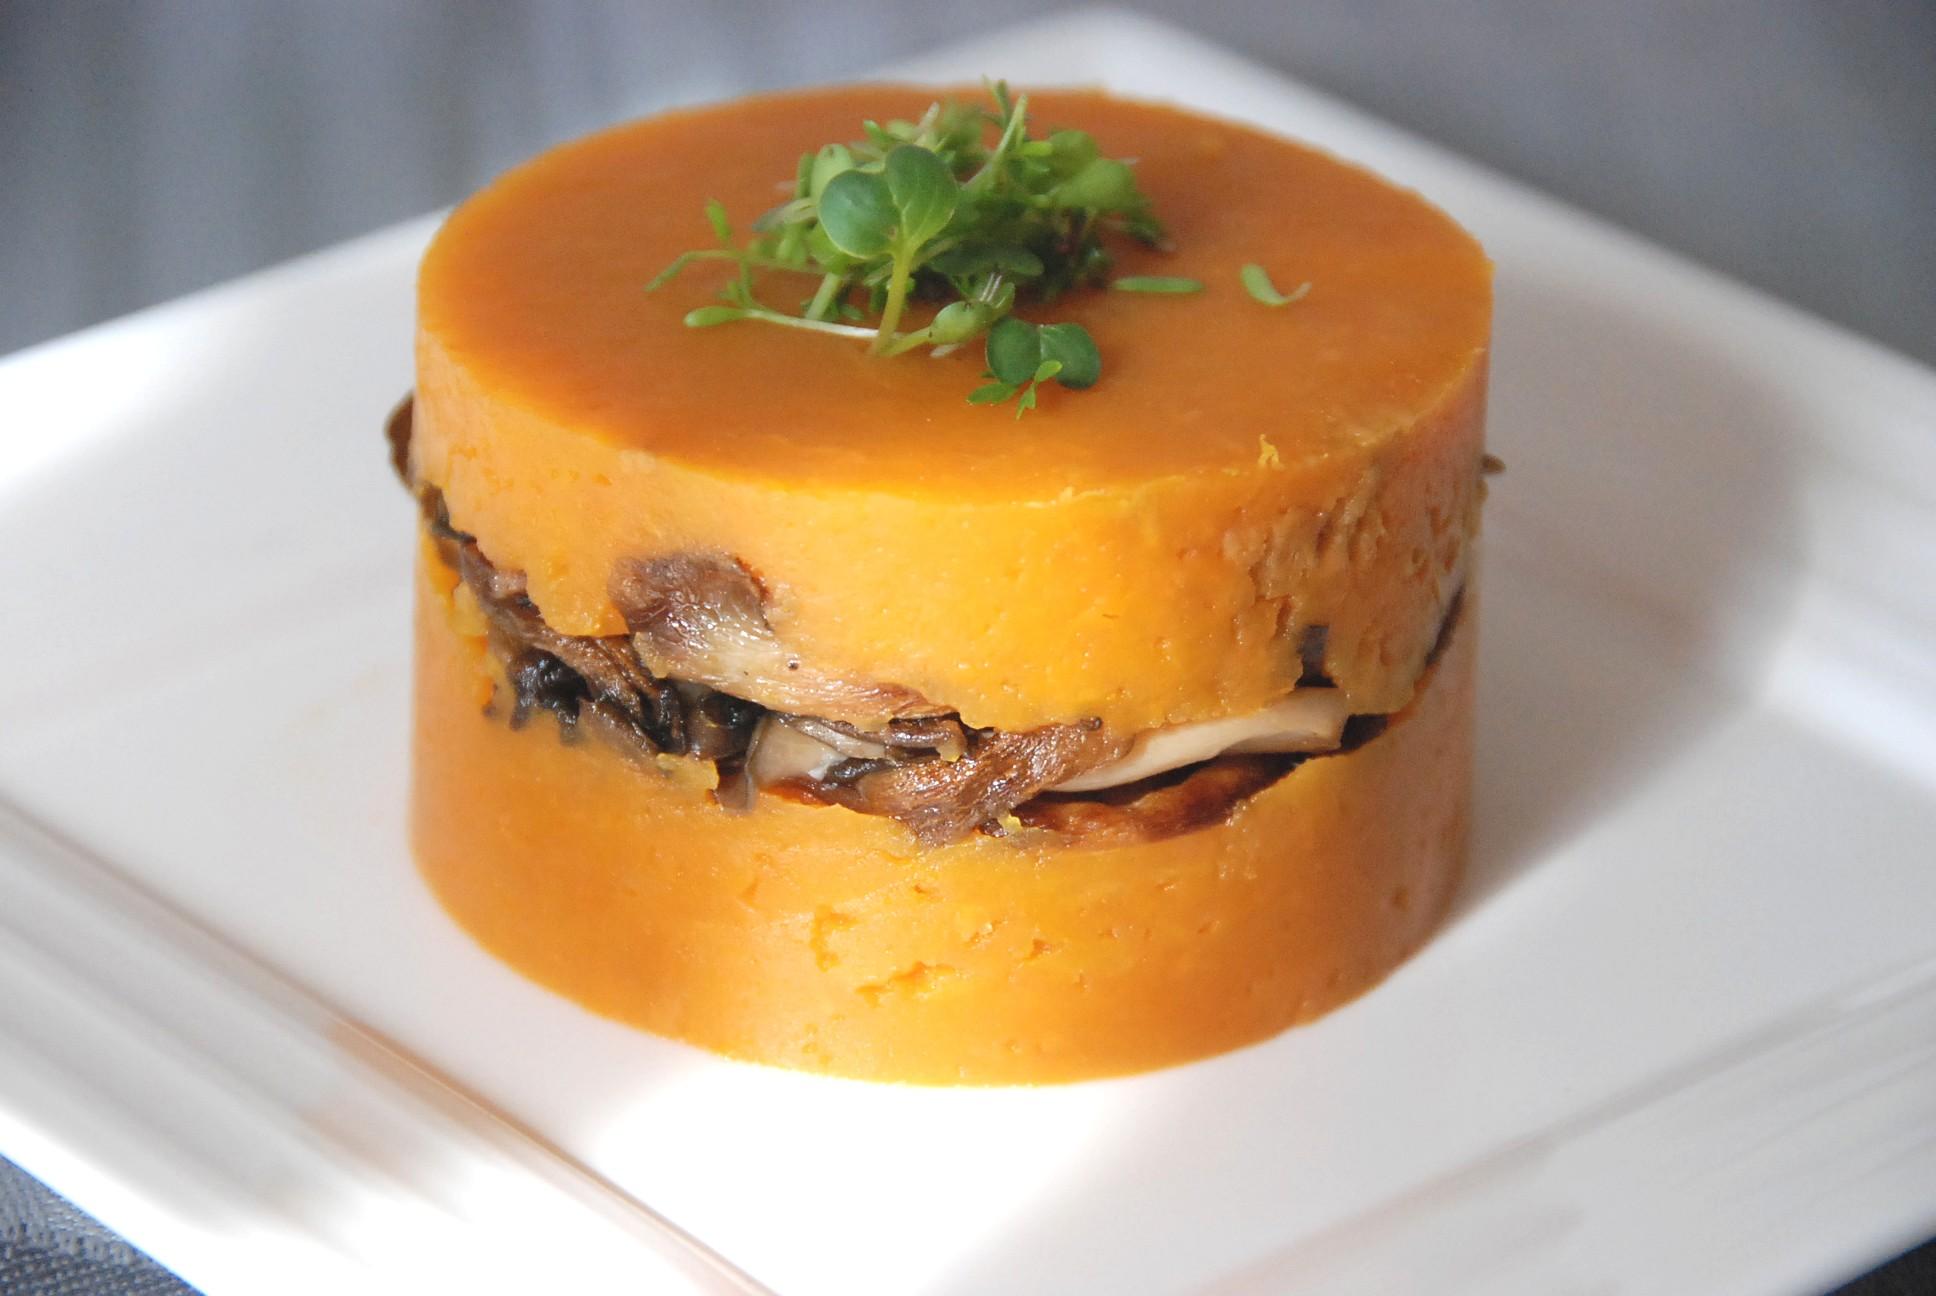 Parmentier v g tarien cuisine plurielle - Bouture de patate douce ...